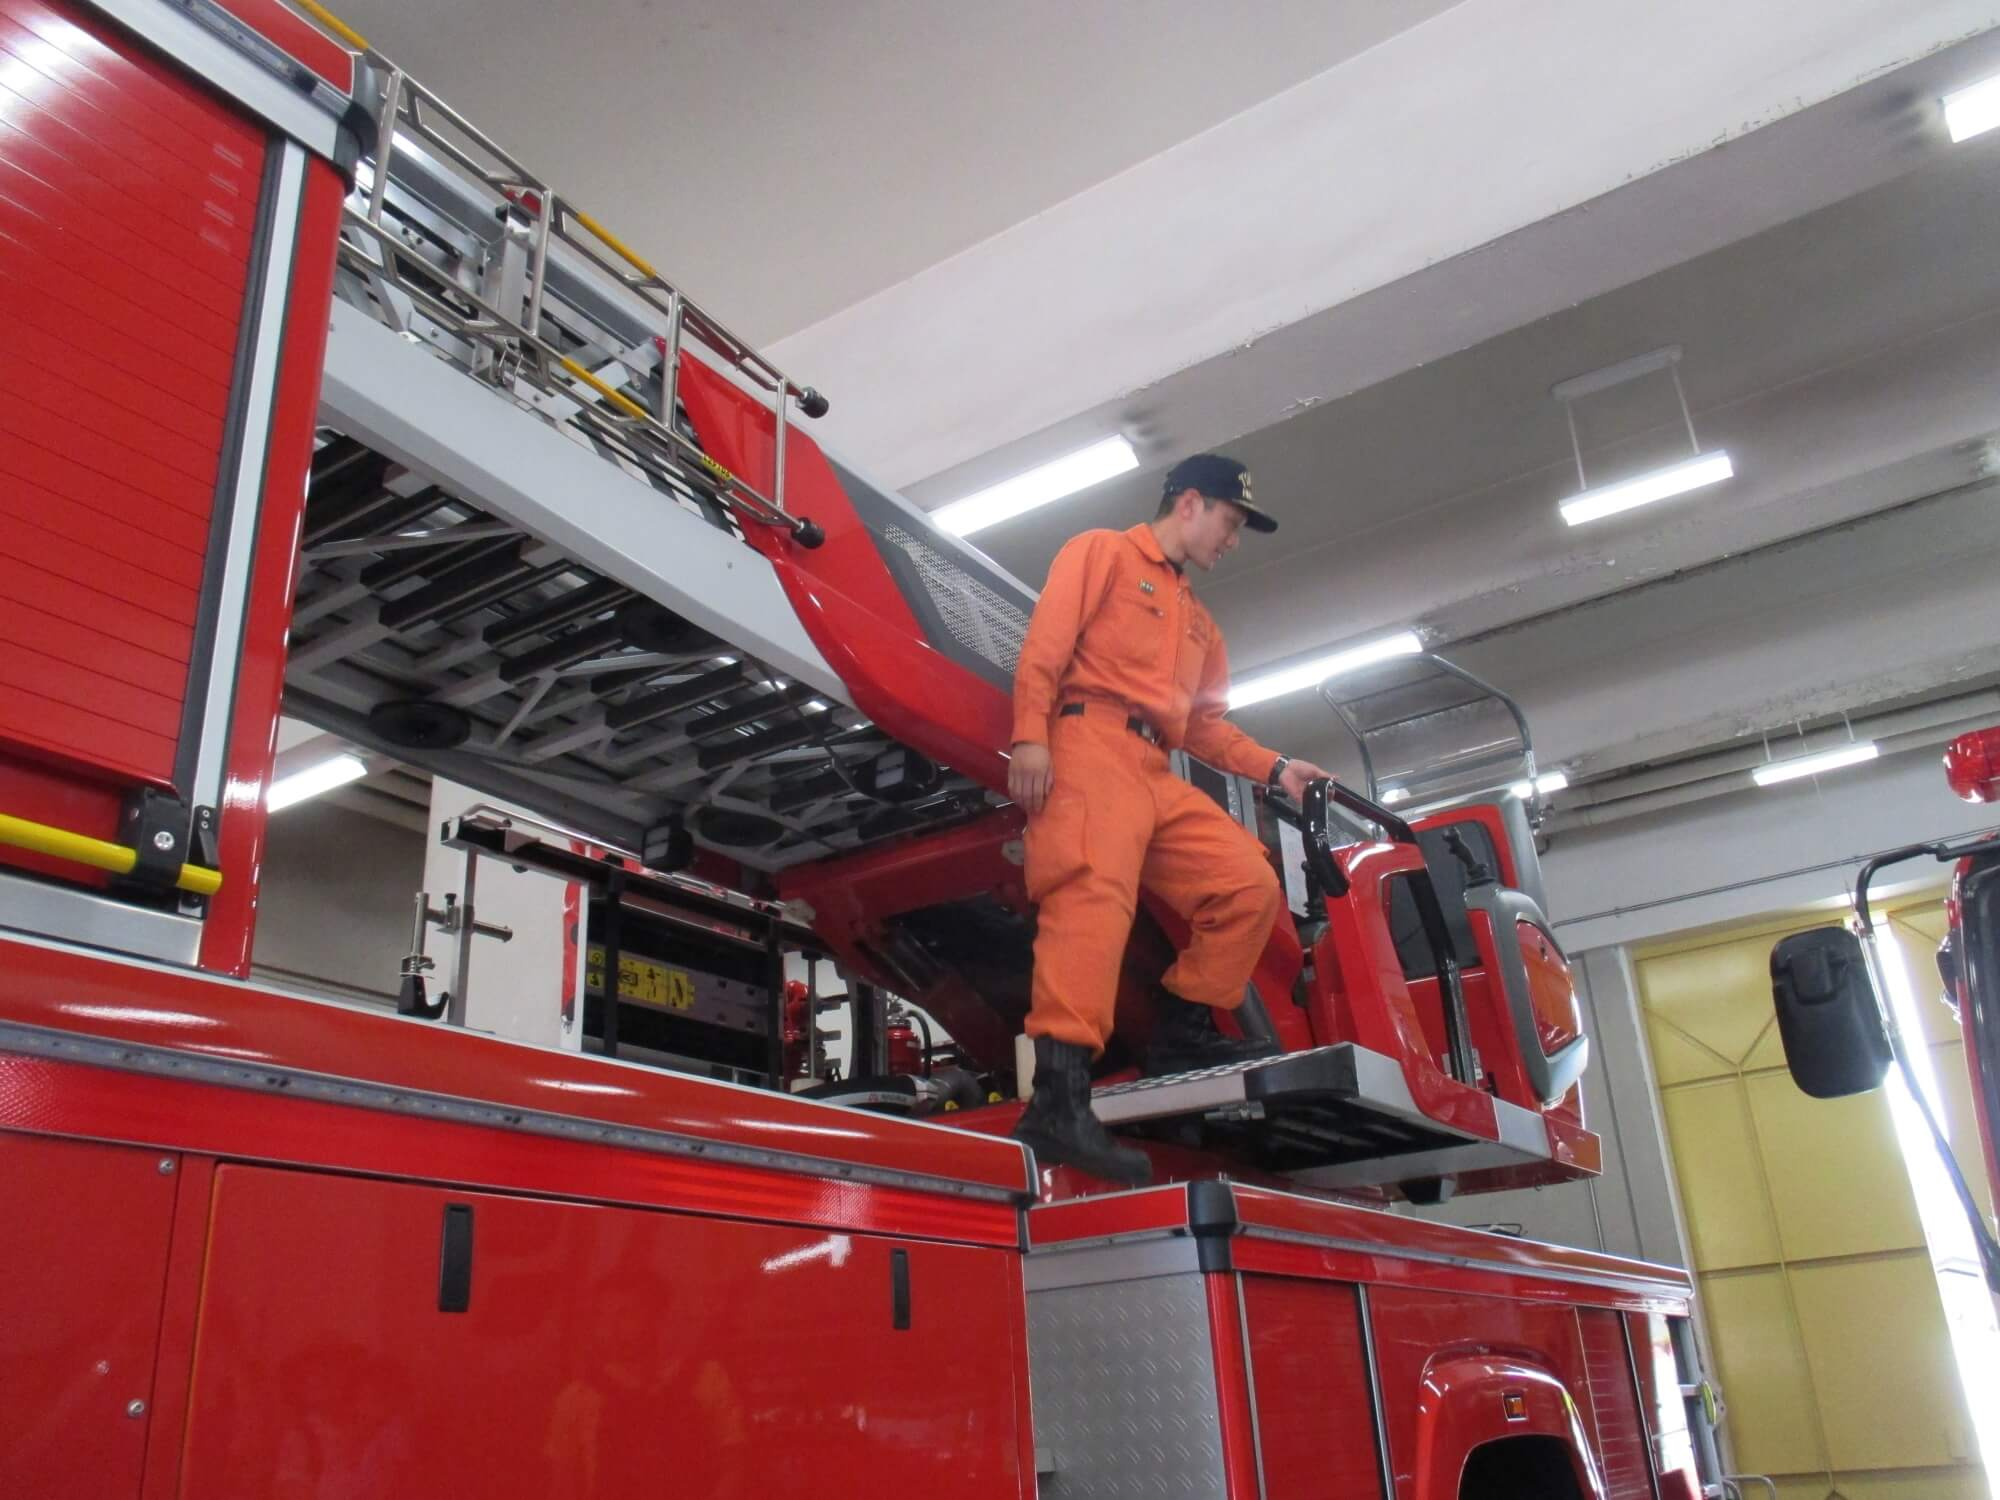 消防車について説明をする消防士